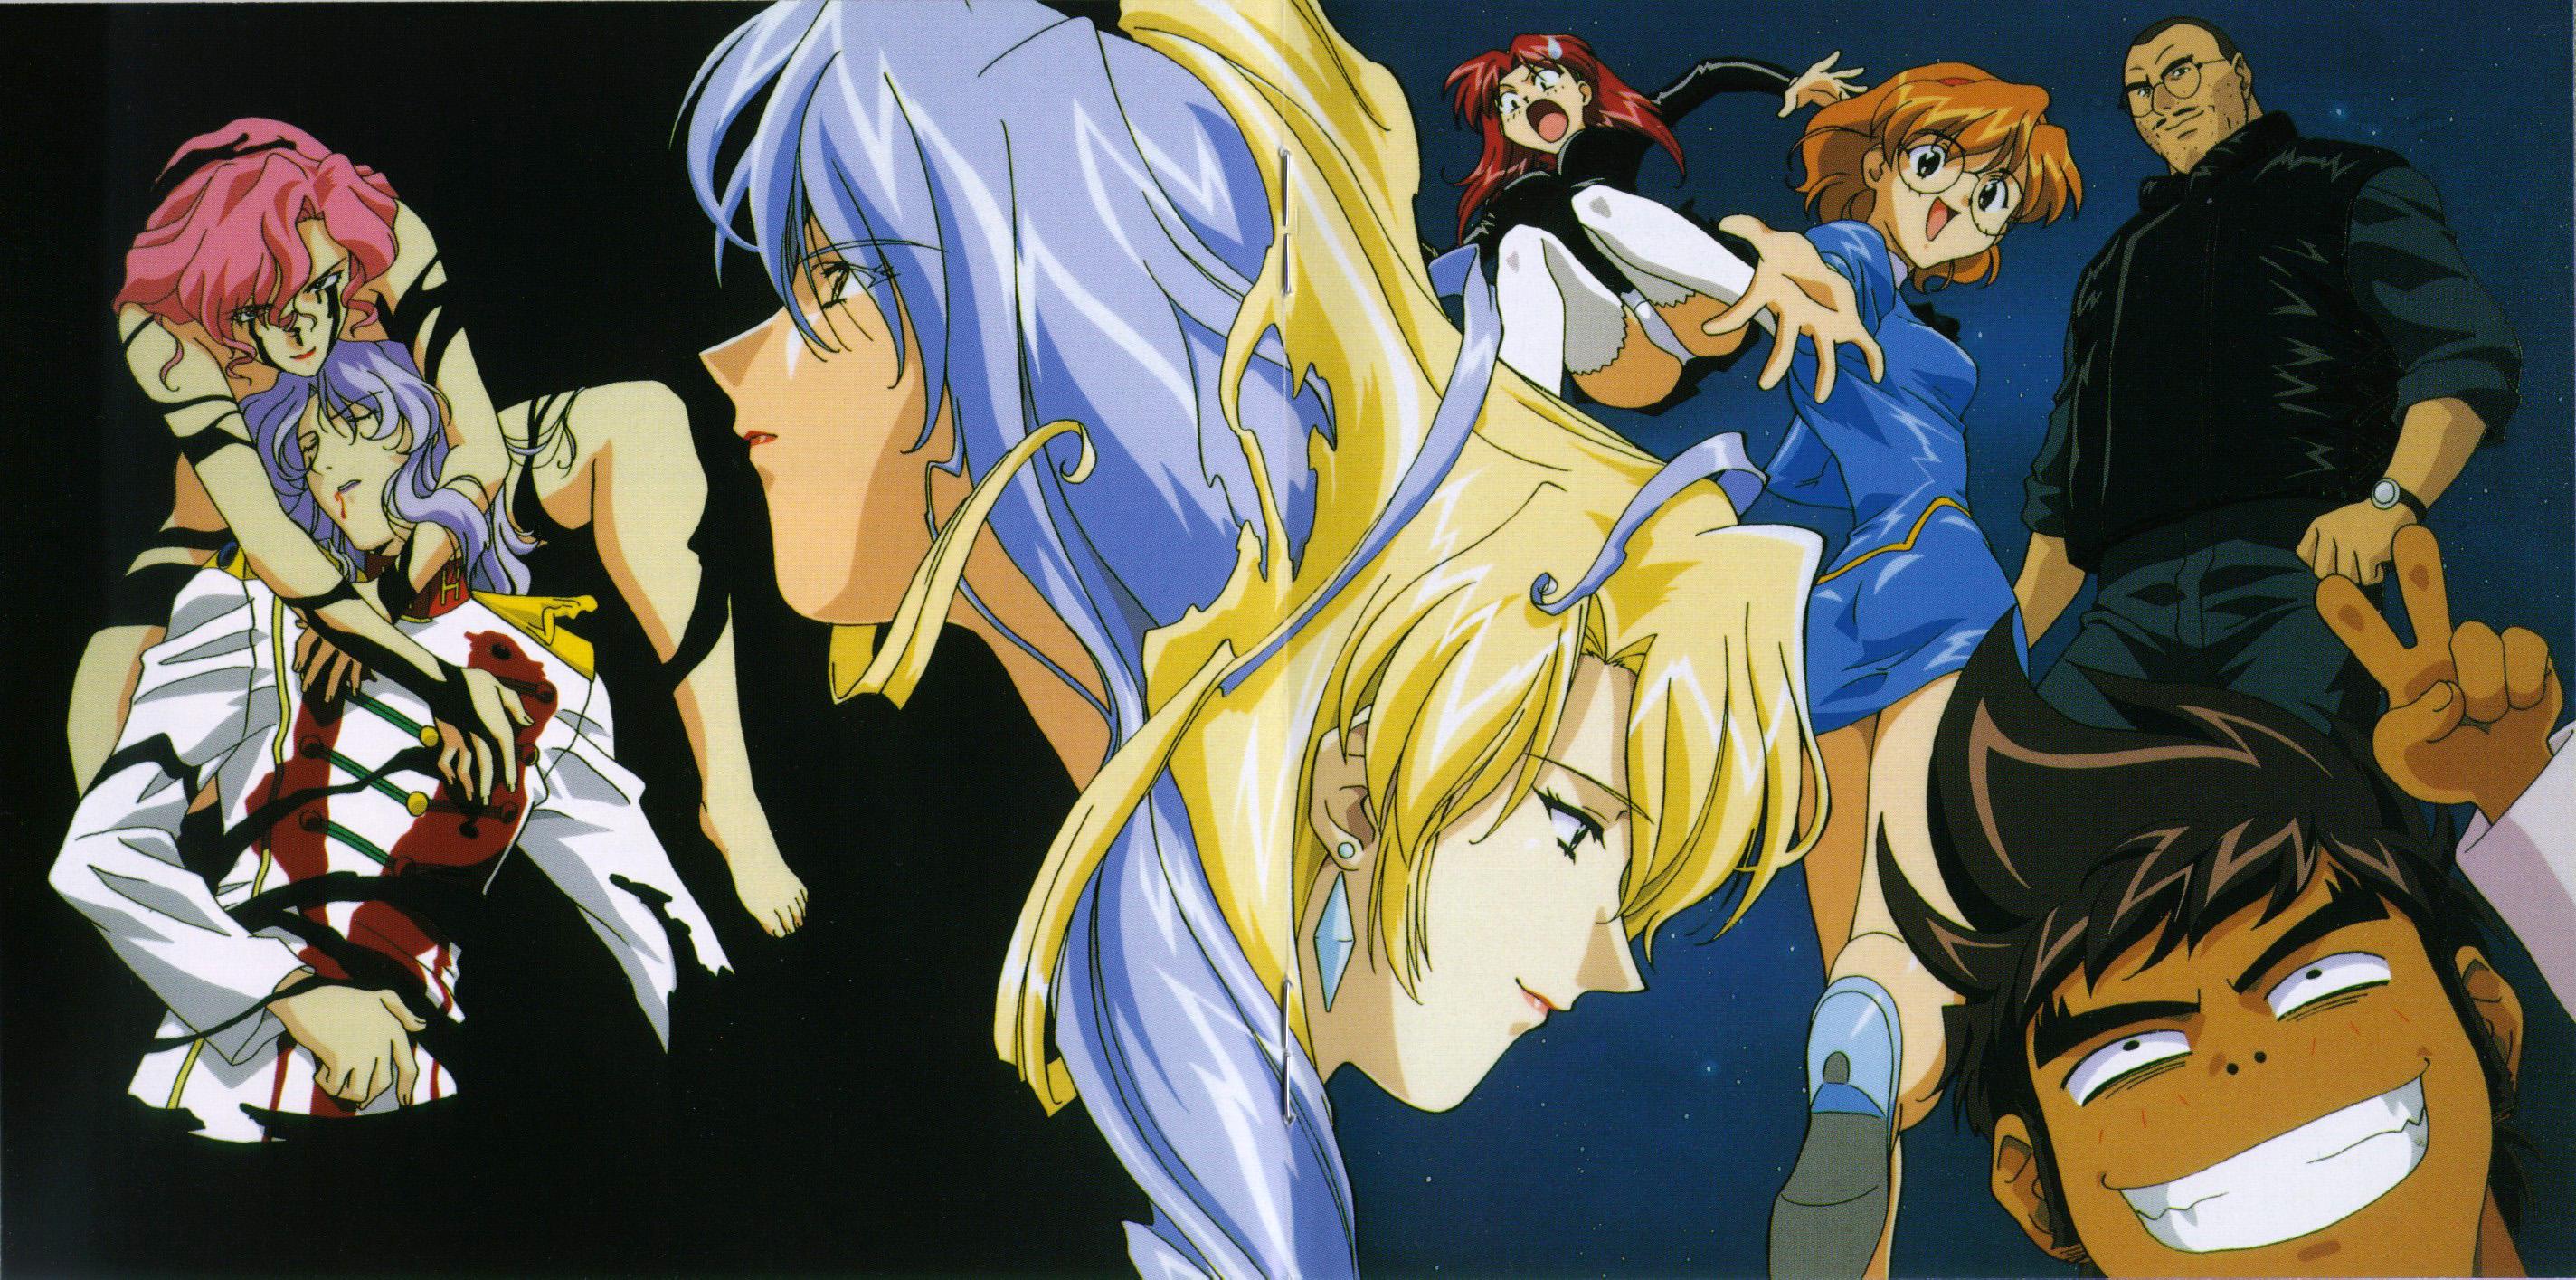 Aika zero 1 ova anime 2009 - 5 8